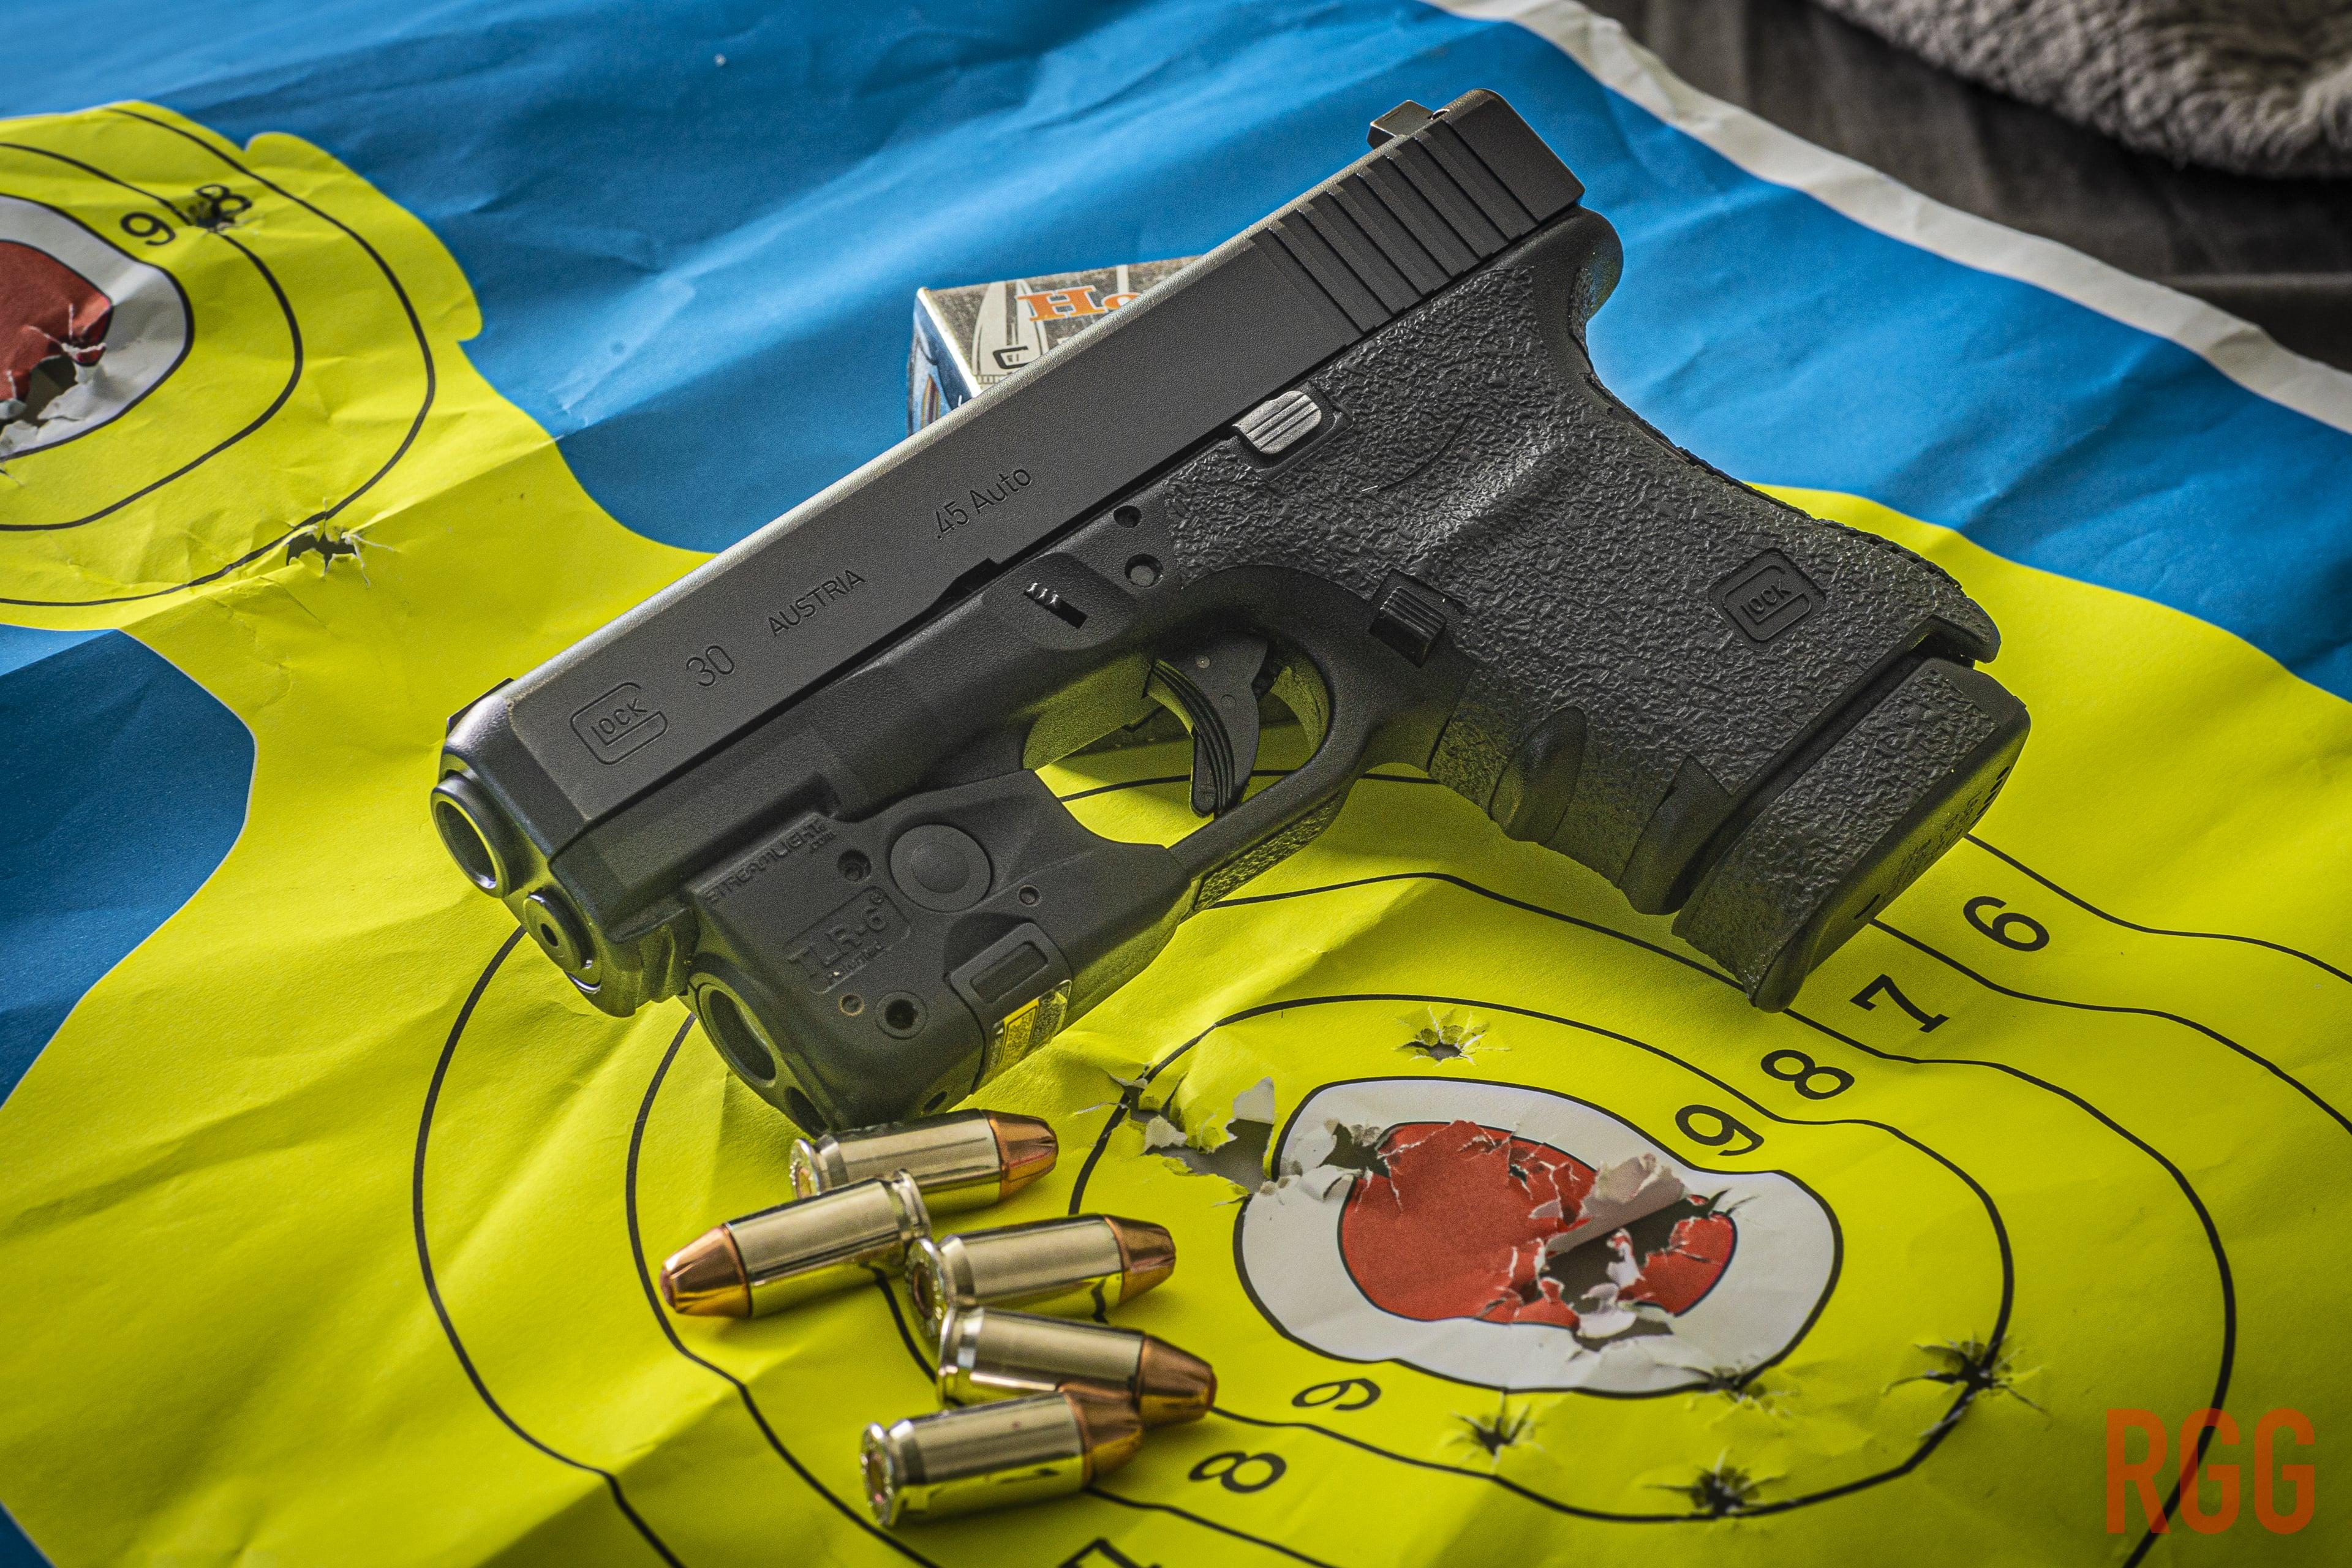 We aim center mass to ensure an effective hit on an assailant.